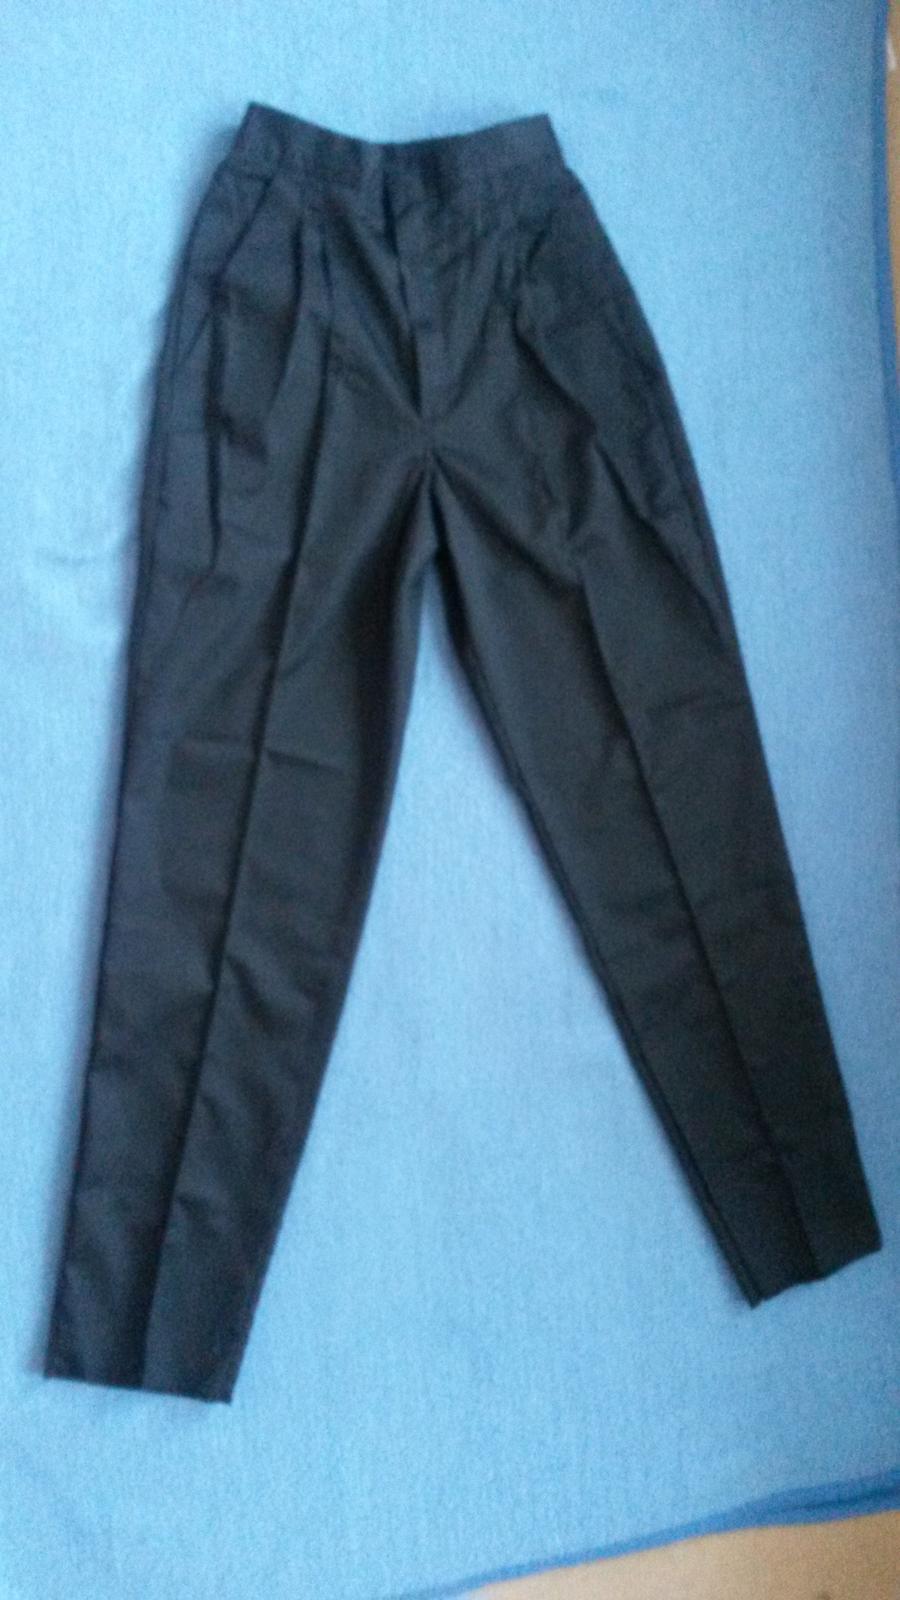 Nohavice pracovné - Obrázok č. 1